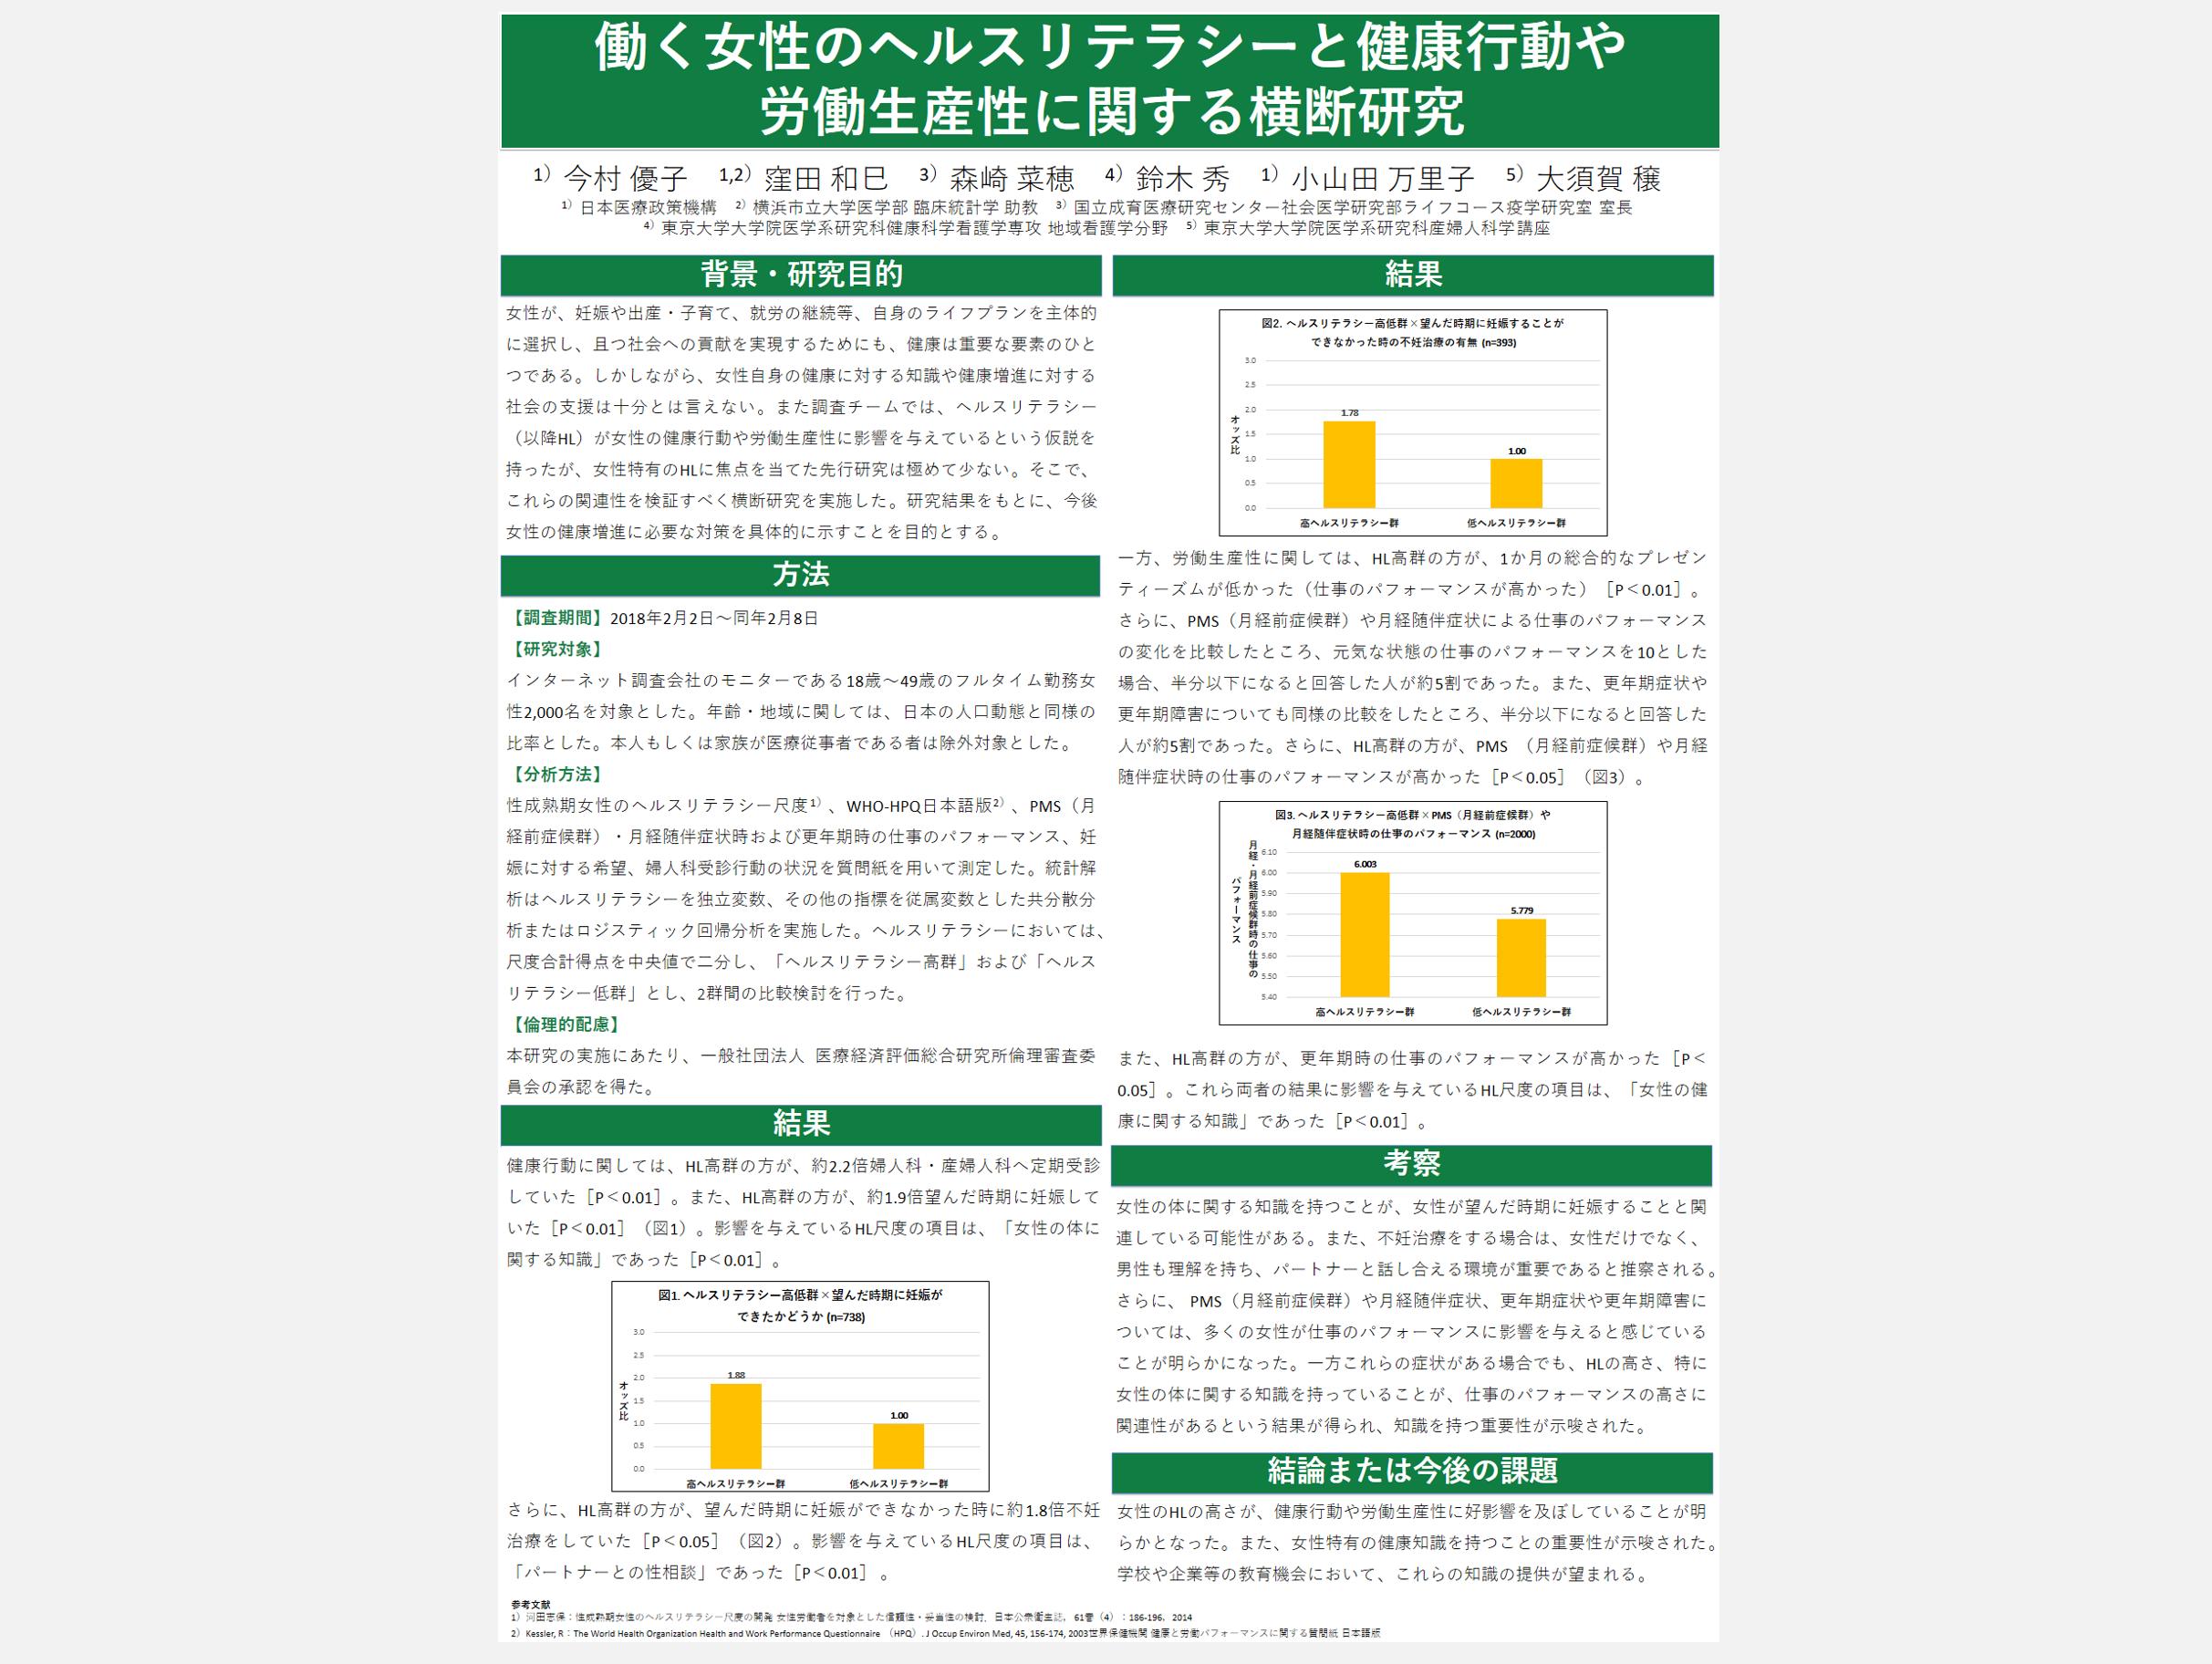 【学会発表】第74回日本助産師学会(2018年5月26日、石川県金沢市)